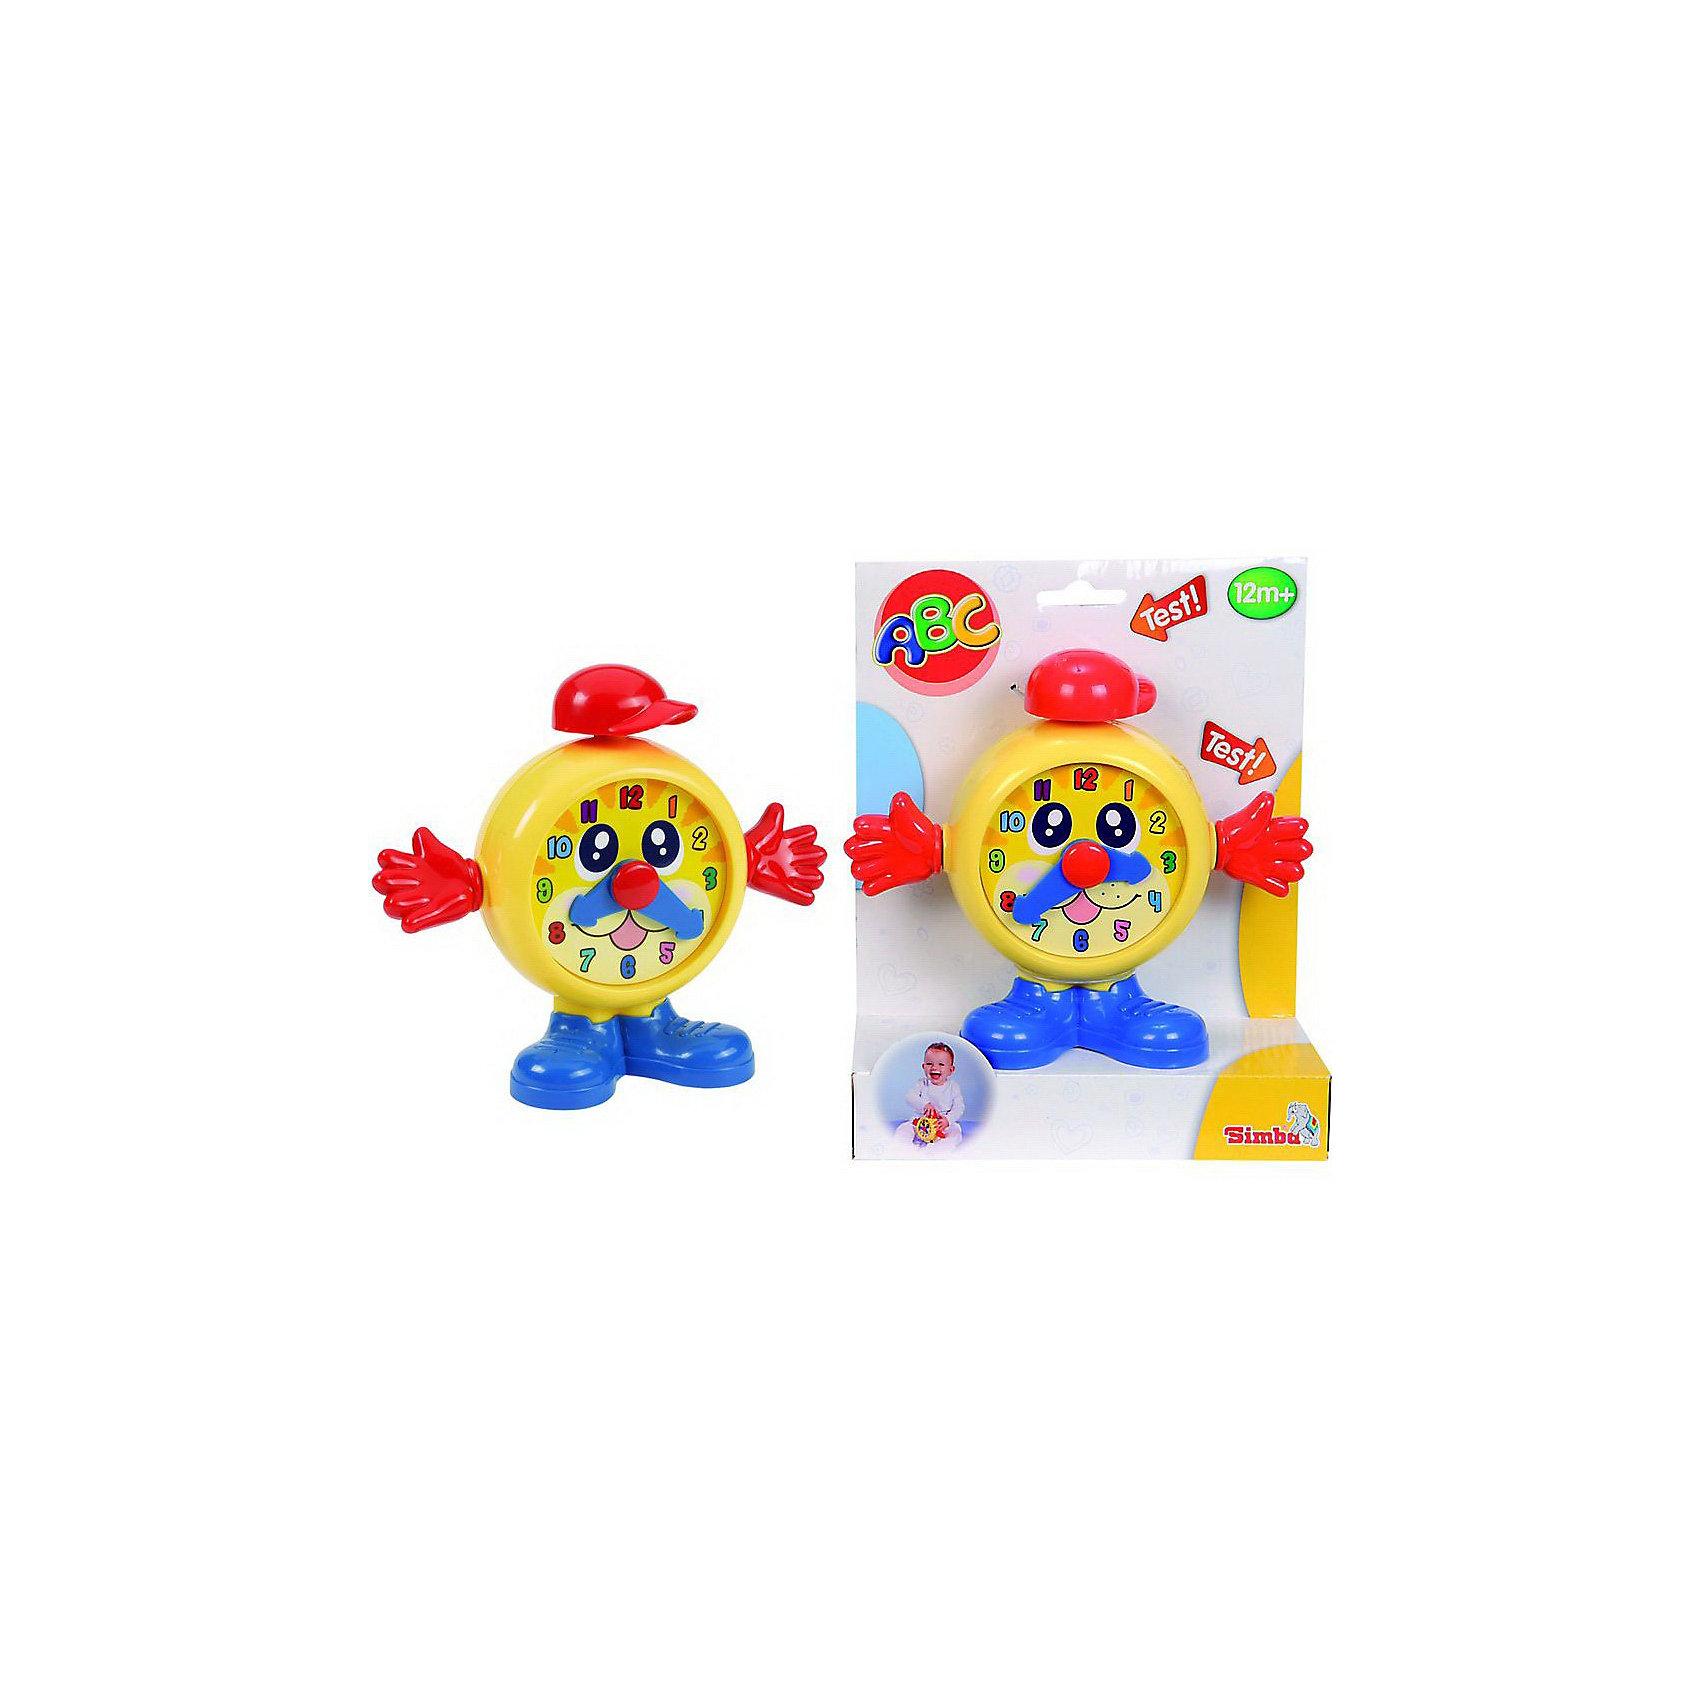 Часики 19 см, SimbaВеселые часы-будильник сделают пробуждение малыша веселым и радостным, а также научат пользоваться часами. Ручки и стрелочки будильника крутятся, а при нажатии на шапочку издается веселый звук.<br><br>Дополнительная информация:<br><br>- Материал пластмасса.<br>- Размер игрушки: 19 см.<br>- Размер упаковки: 19 х 7 х 23,6 см.<br><br>Часики 19 см, Simba (Симба) можно в нашем магазине.<br><br>Ширина мм: 190<br>Глубина мм: 70<br>Высота мм: 240<br>Вес г: 268<br>Возраст от месяцев: 12<br>Возраст до месяцев: 60<br>Пол: Унисекс<br>Возраст: Детский<br>SKU: 2497501